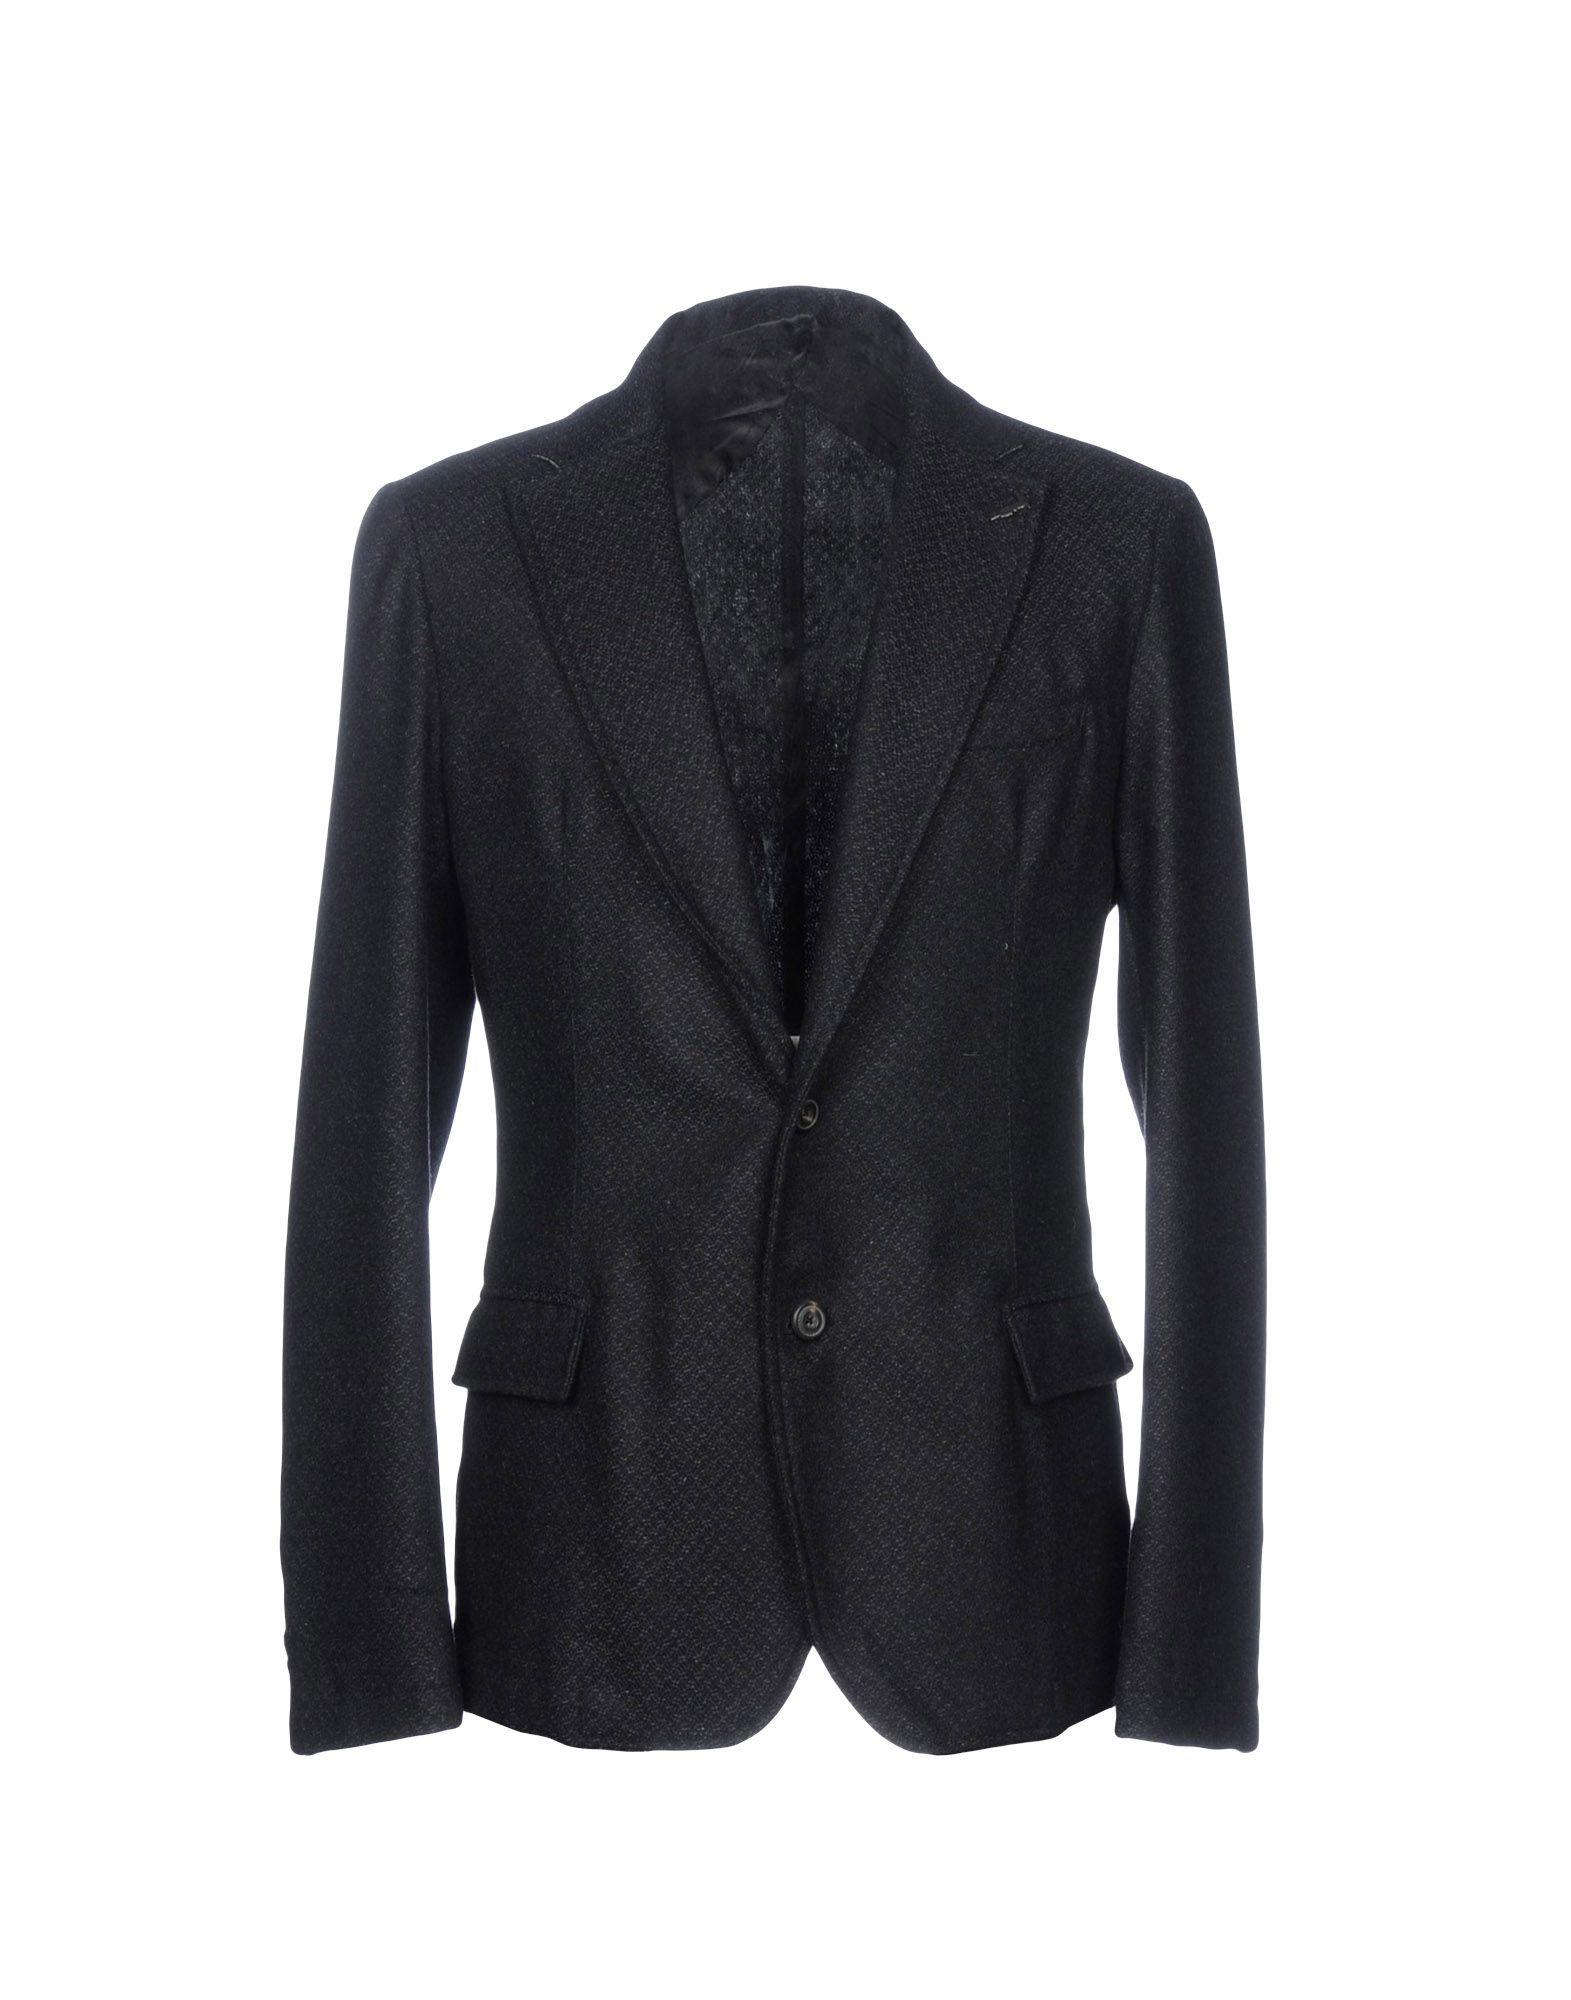 TRUSSARDI JEANS Пиджак пиджаки trussardi пиджак